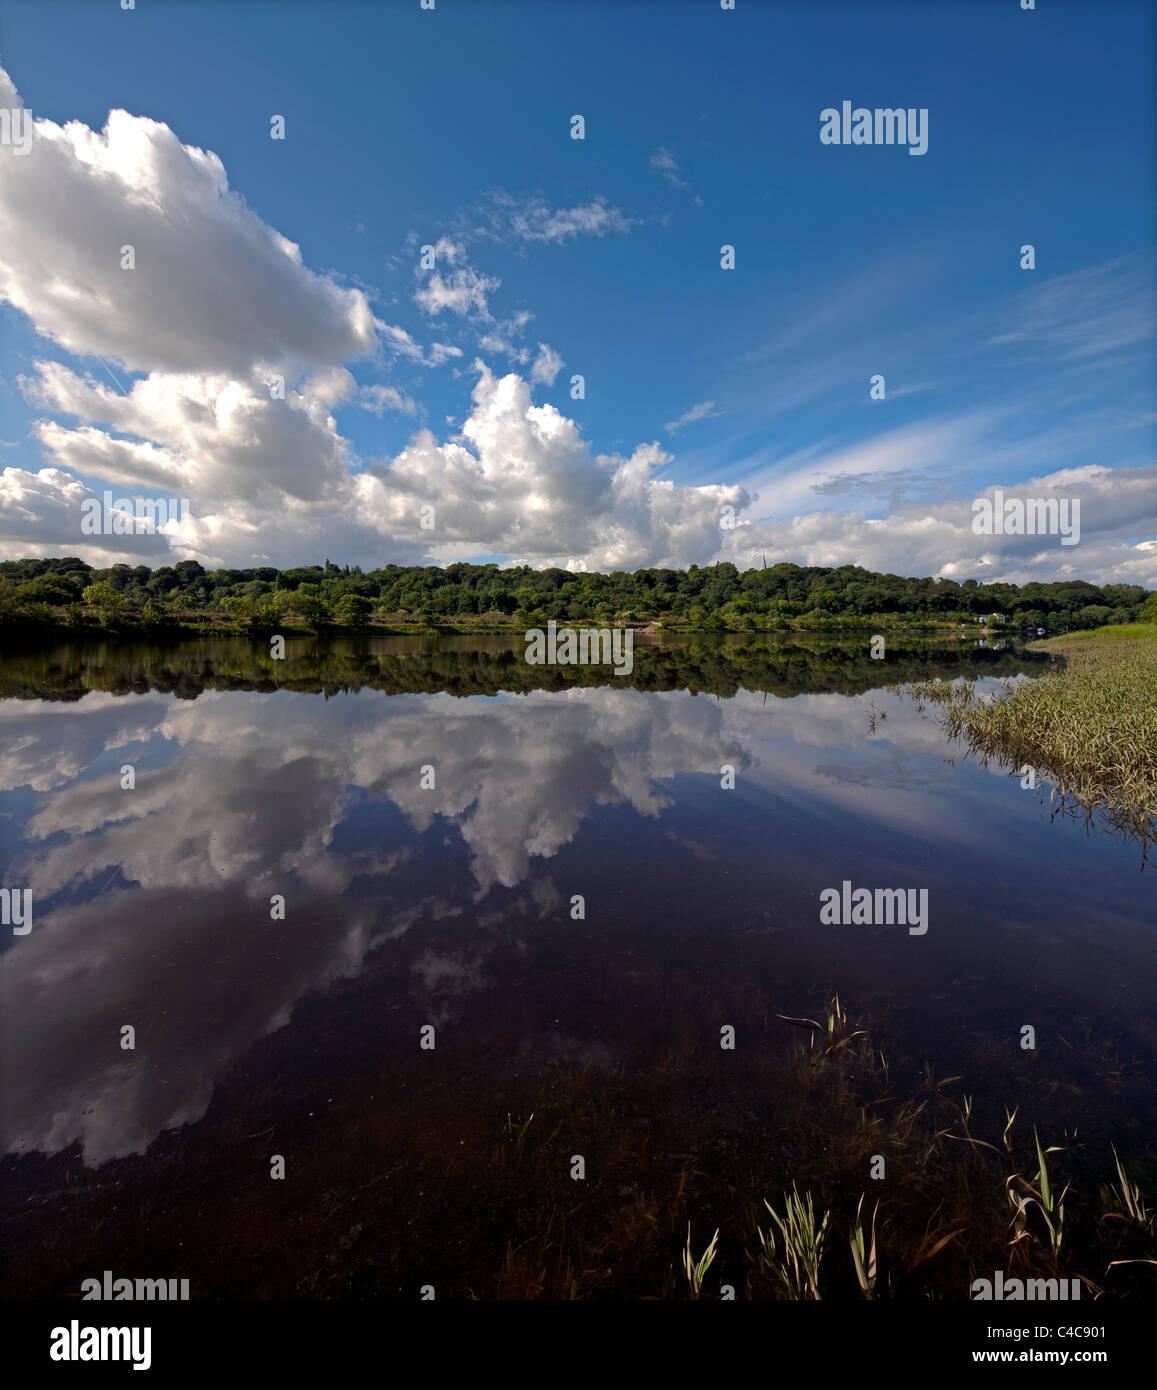 Perfekte Reflexionen an einem Sommertag am Fluss Tyne in der Nähe von Newburn, Newcastle Upon Tyne Stockbild